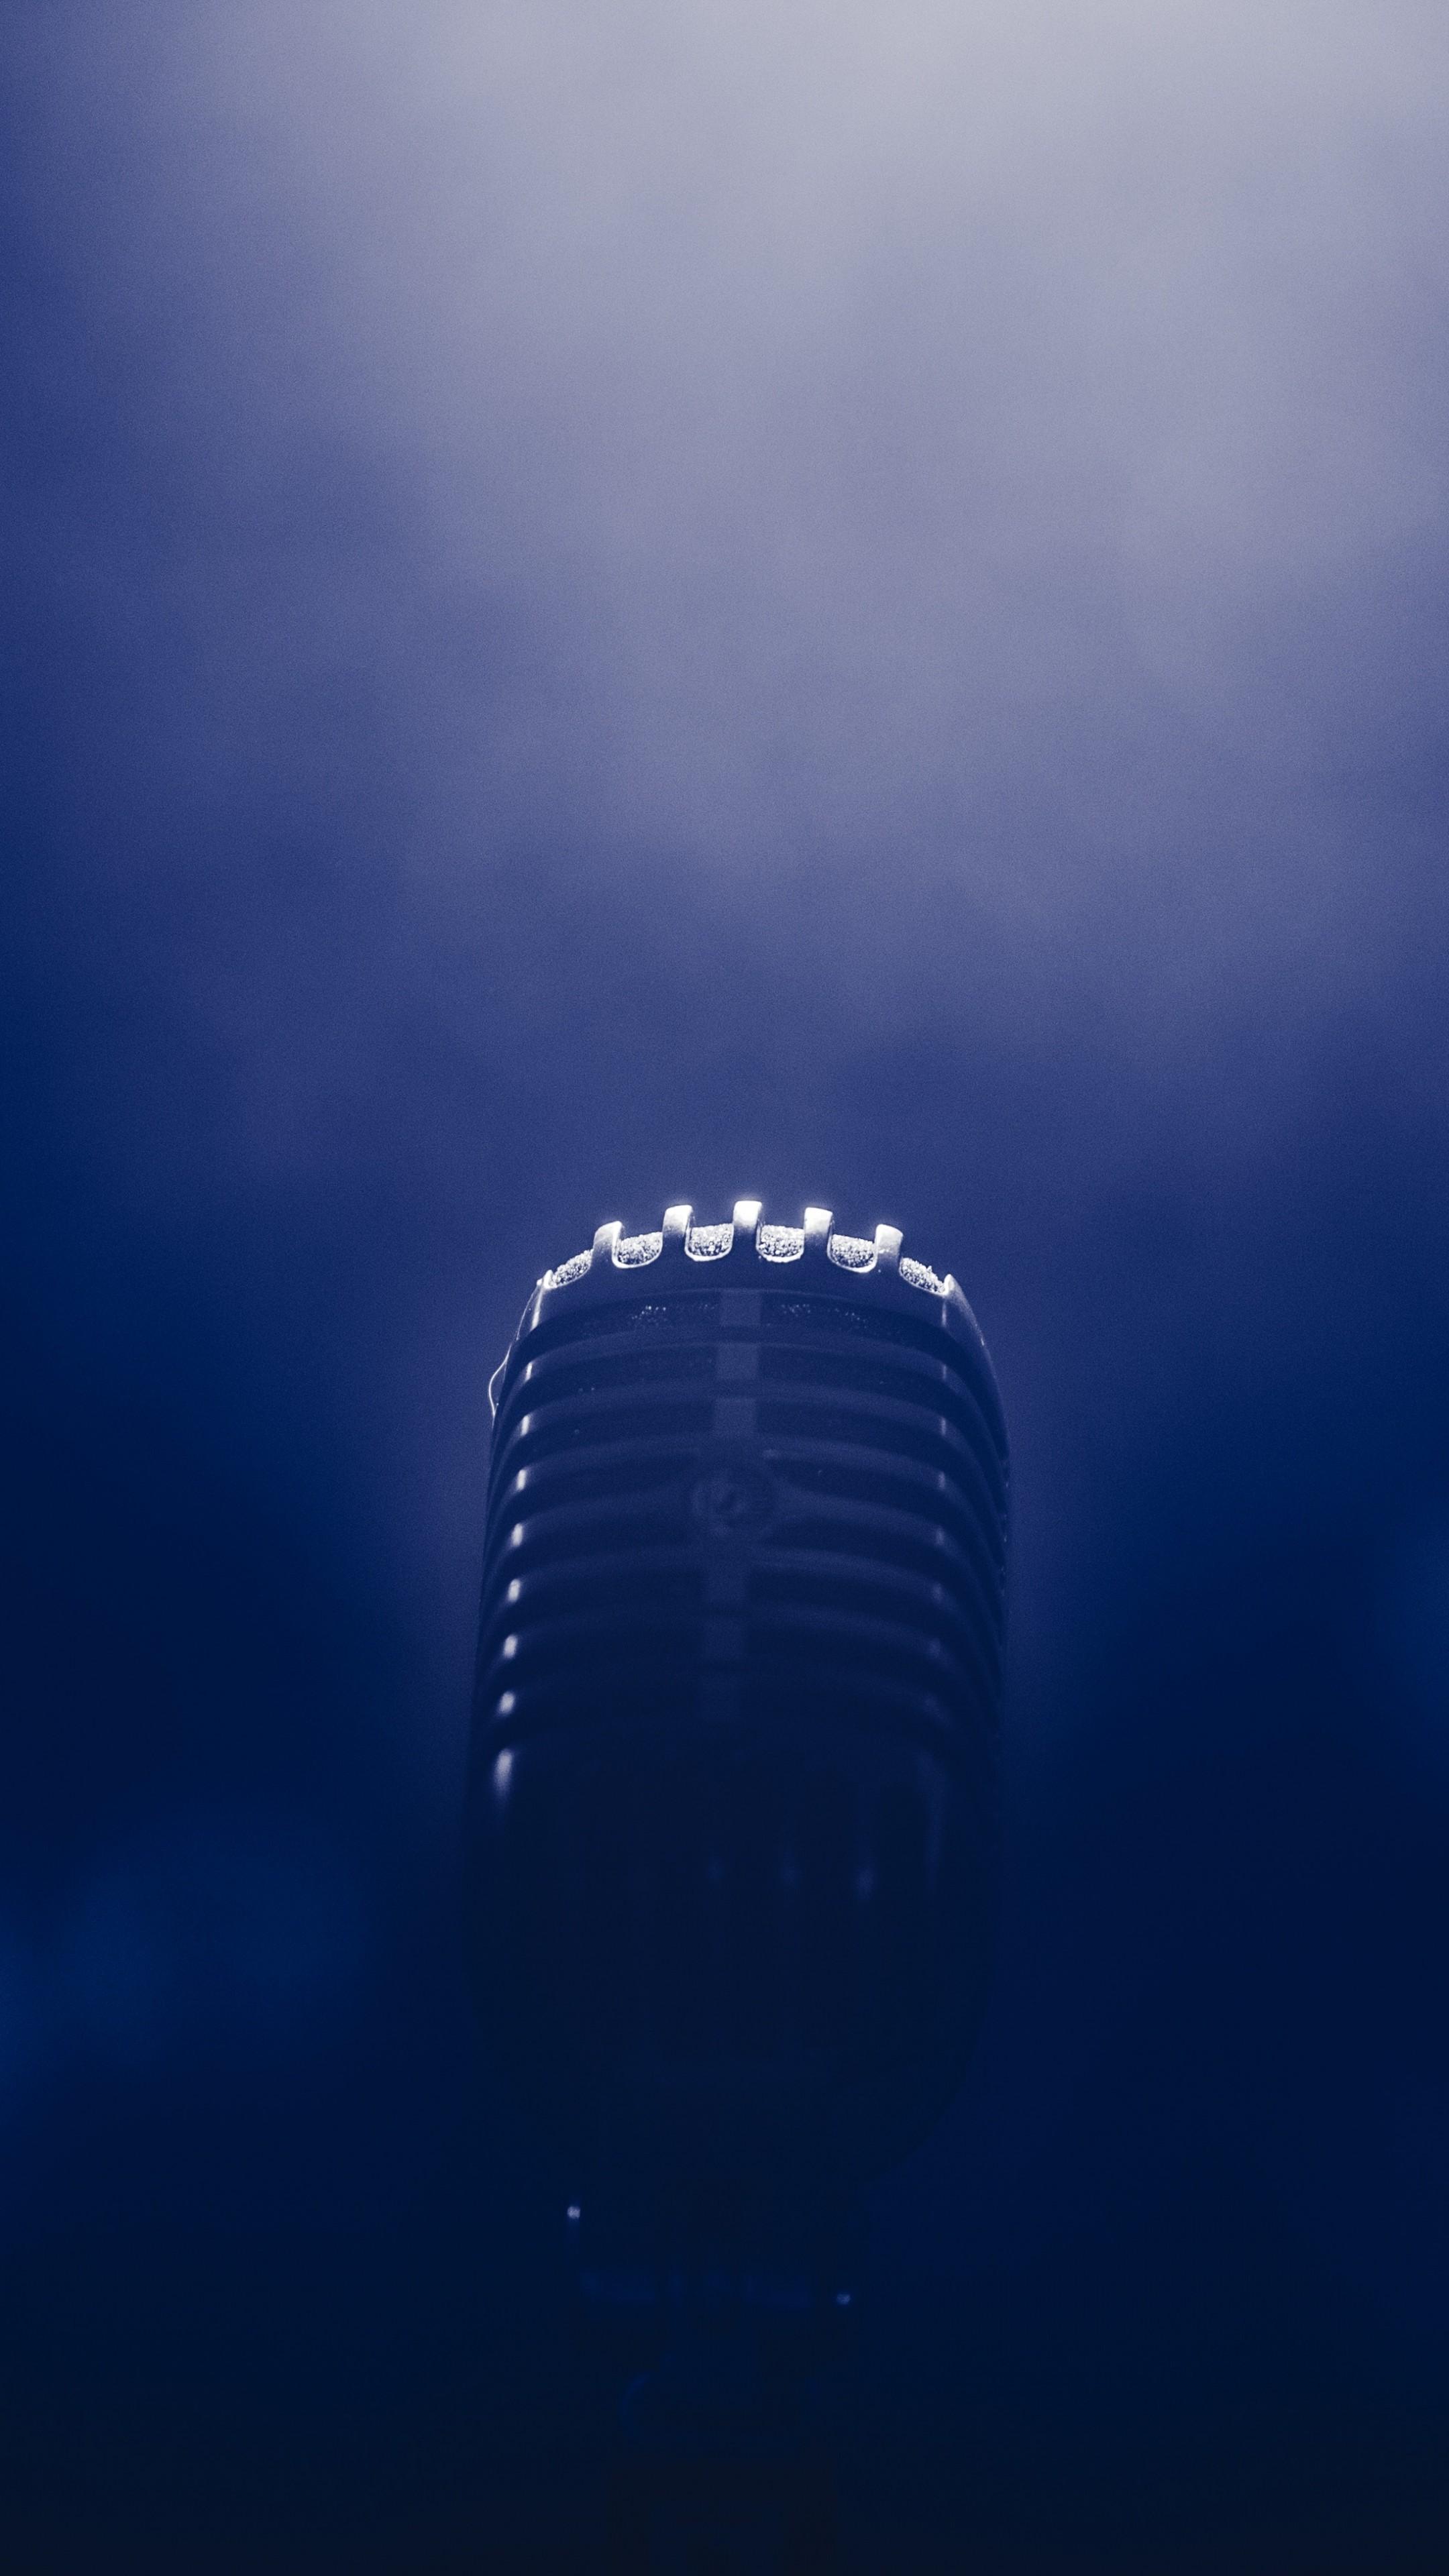 Whatsapp Car Wallpaper Download Microphone Smoke Blackout Wallpaper 2160x3840